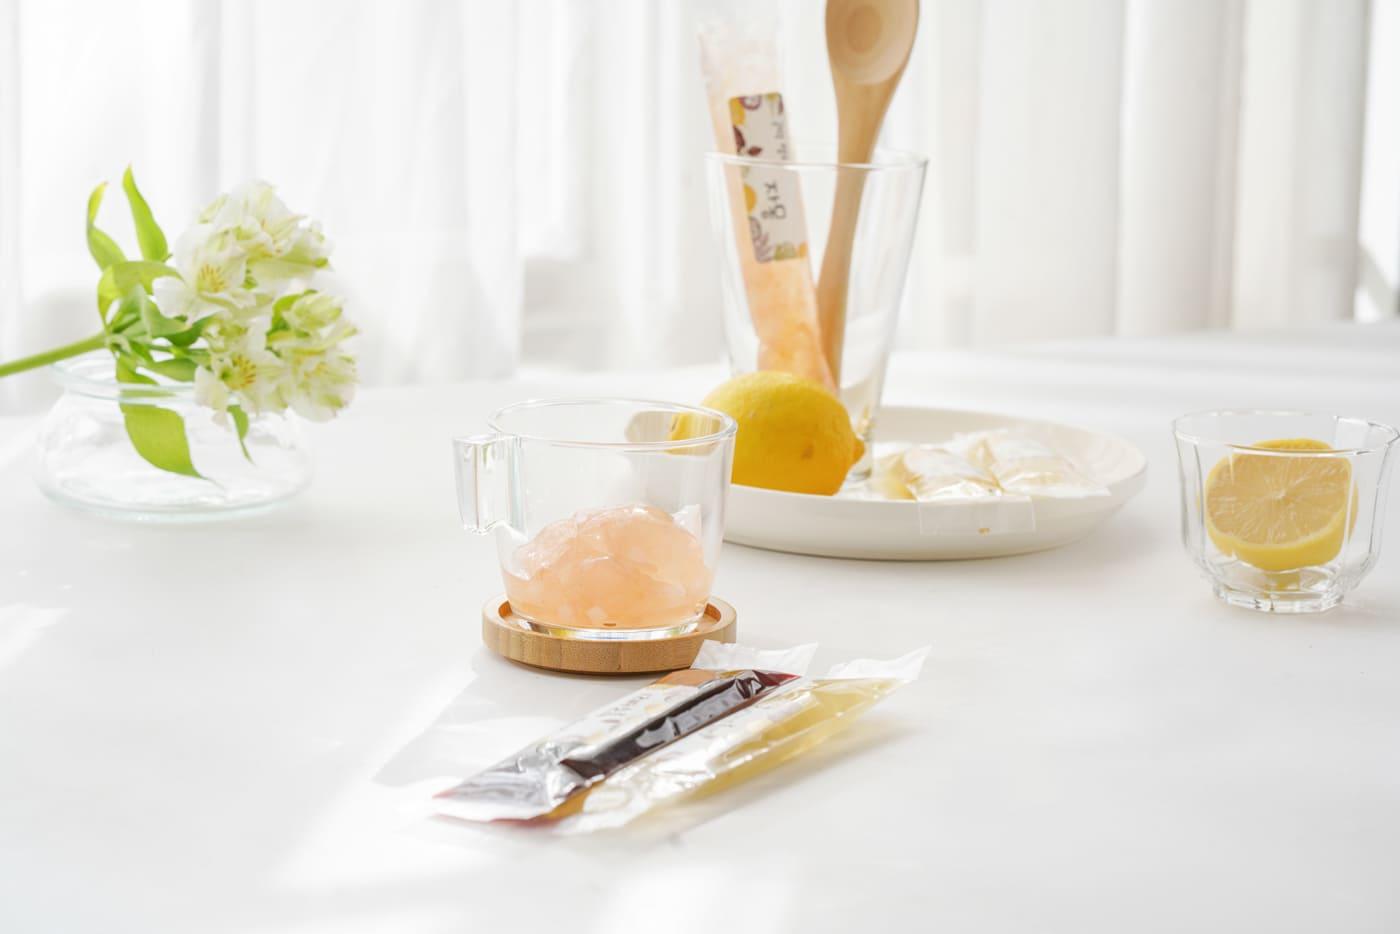 포레스트(화담) 수제 과일 곤약 젤리 세트/자몽,블루베리,애플시나몬,백향과 상세이미지2